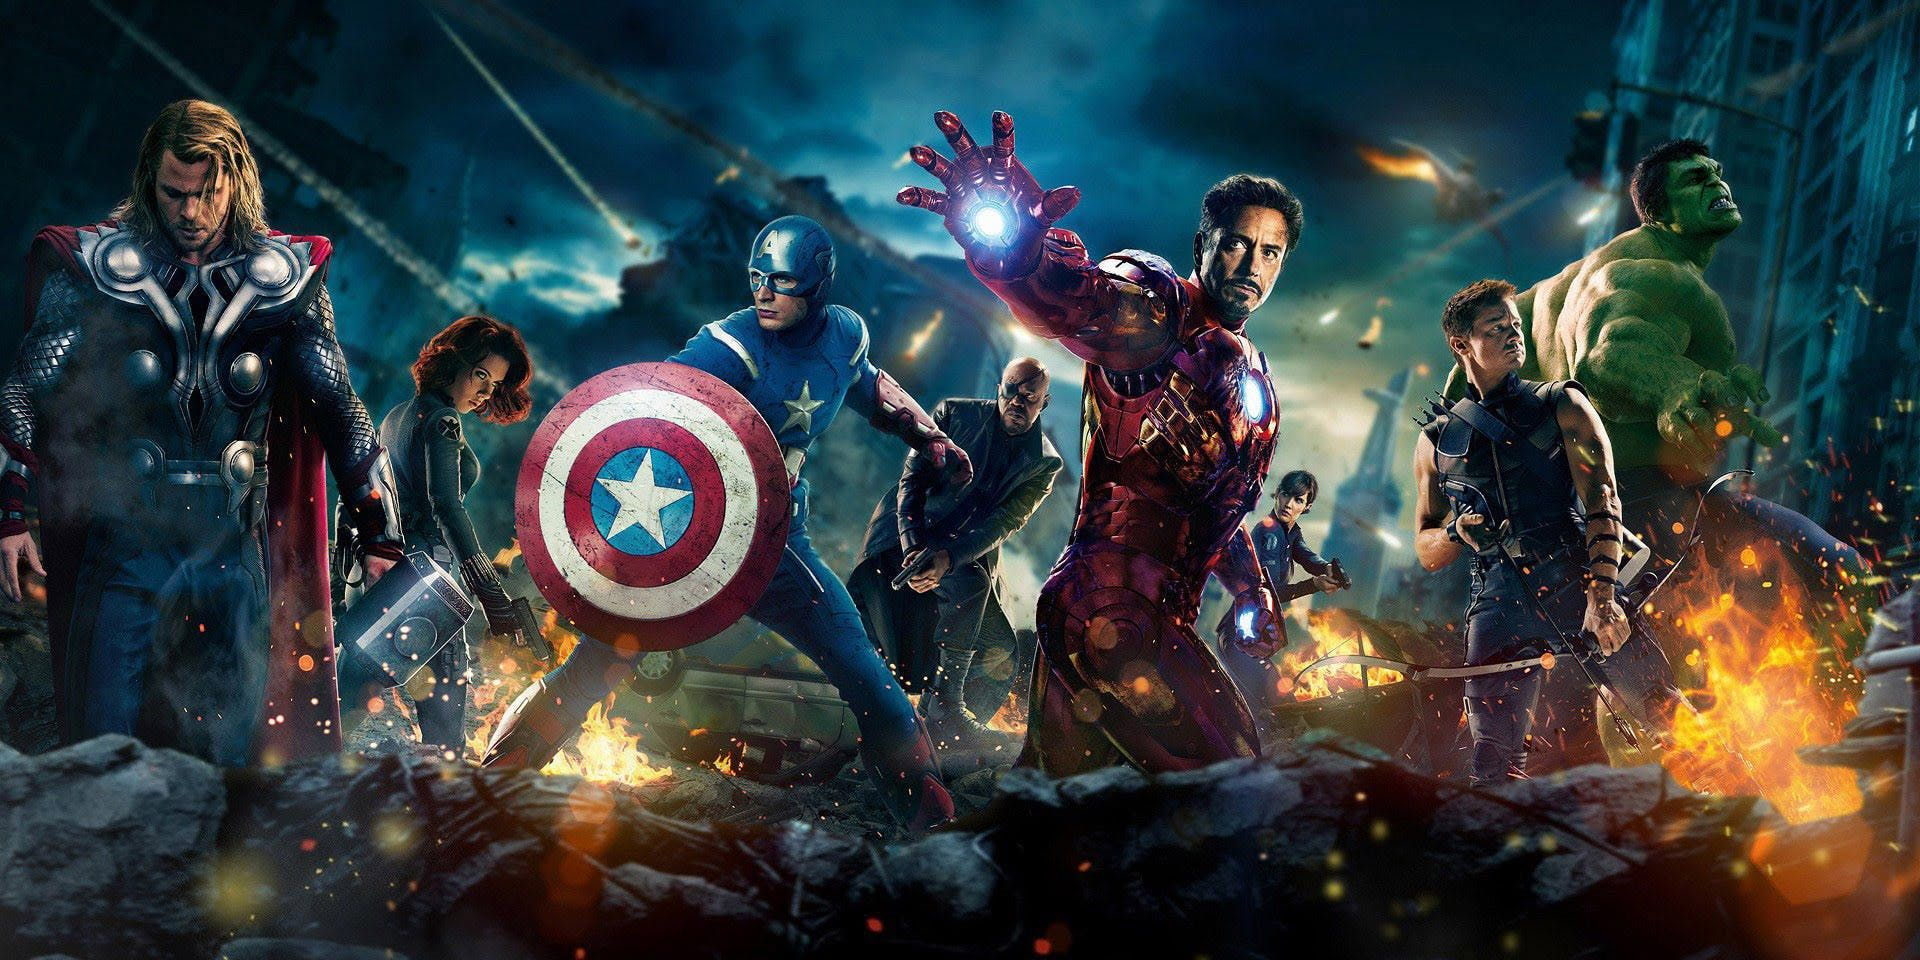 The Avengers Original Writer Zak Penn Working on New